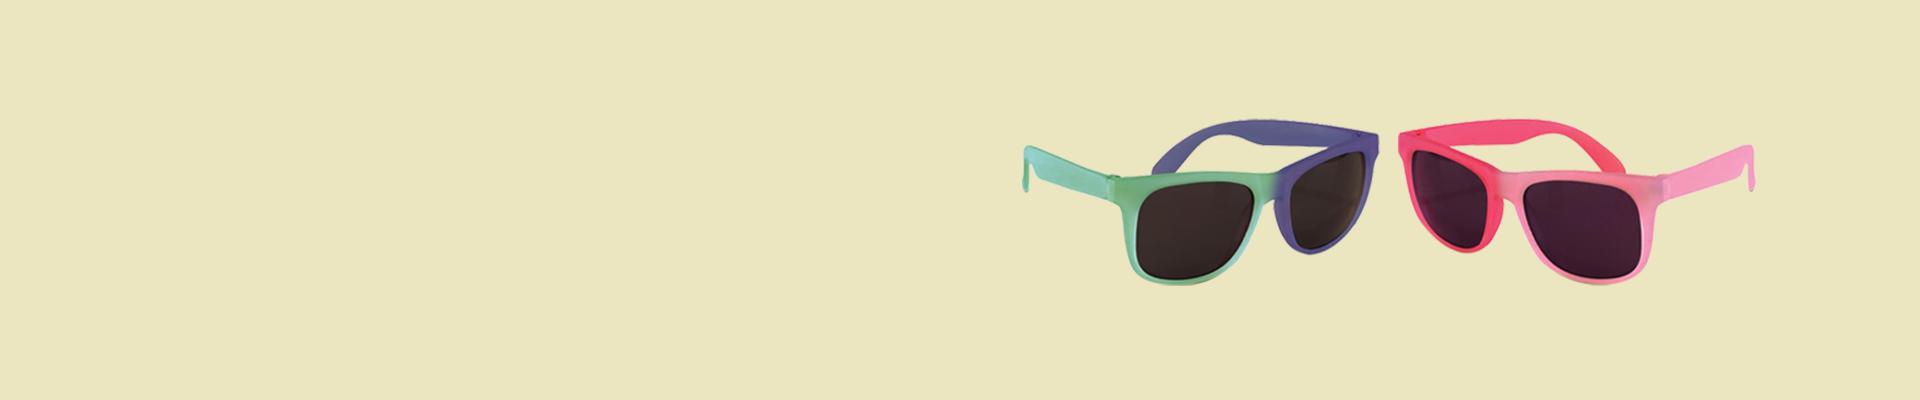 Jual Kacamata Hitam Anak Terlengkap Online